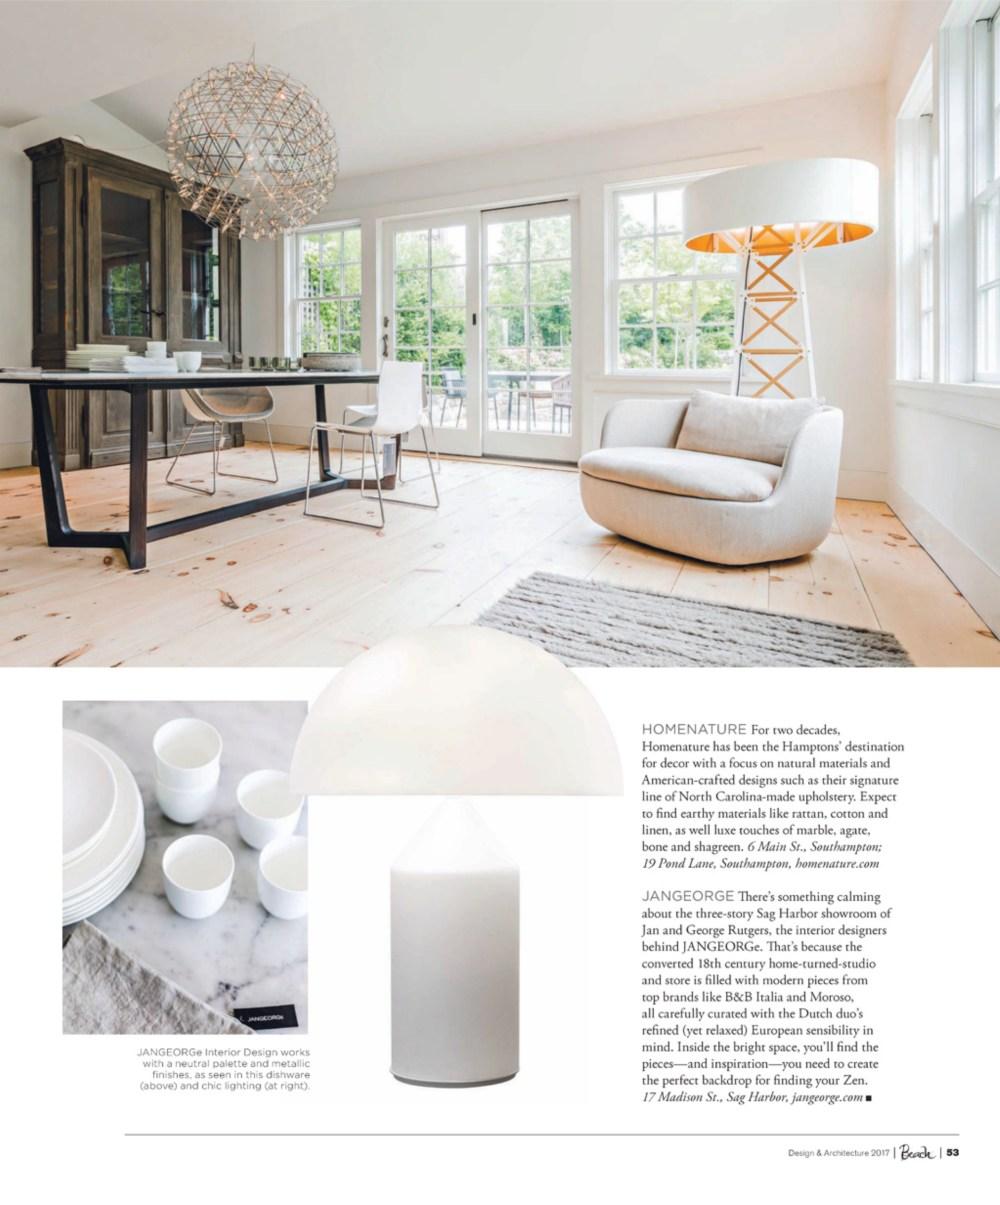 Excellent Get It Article In Interior Design Magazines